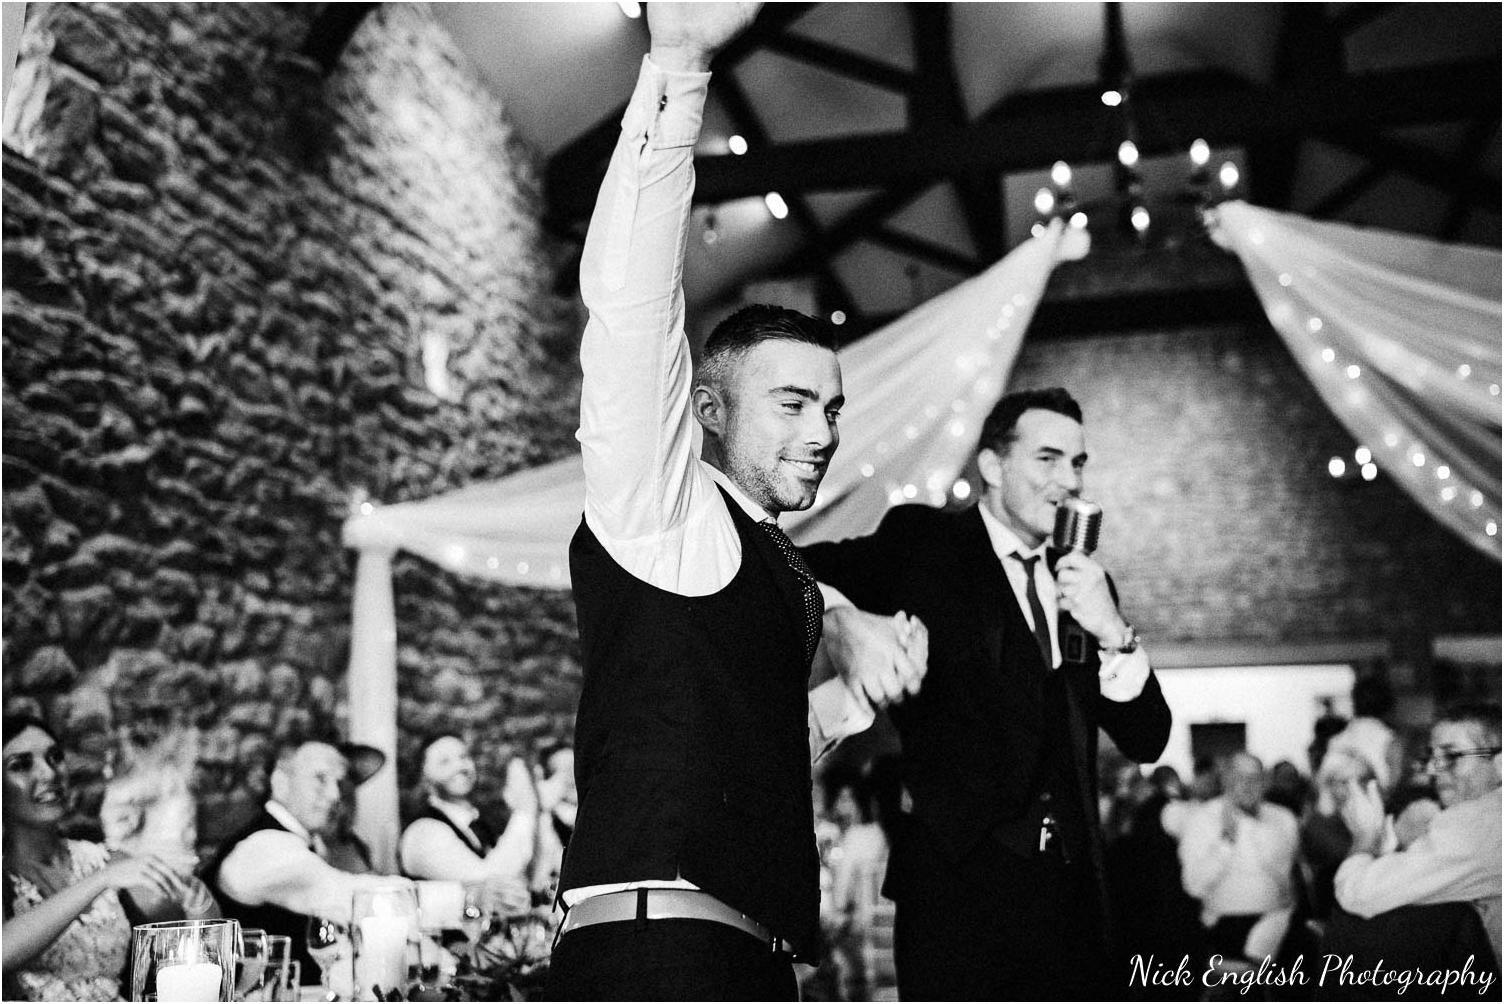 Browsholme_Hall_Barn_Wedding_Nick_English_Photography-121.jpg